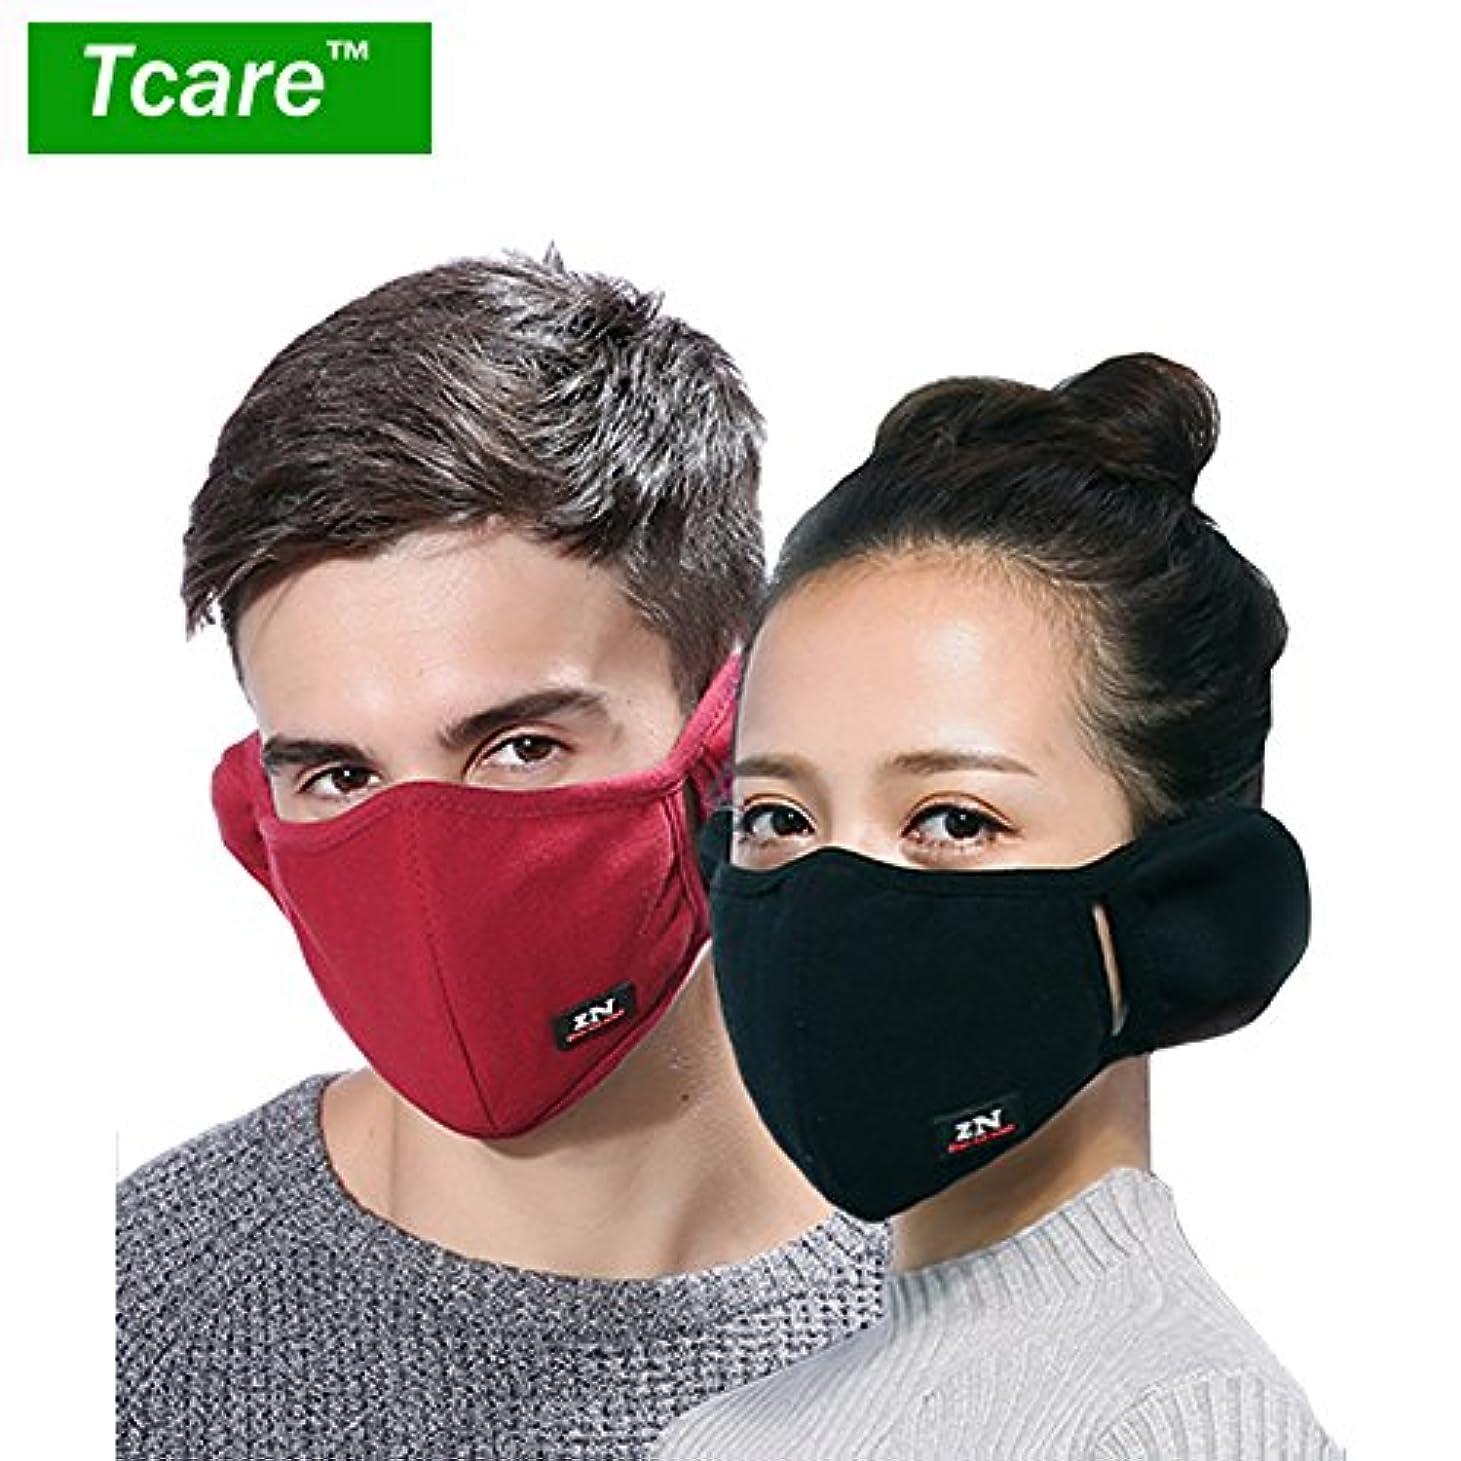 意図赤外線多分男性女性の少年少女のためのTcare呼吸器2レイヤピュアコットン保護フィルター挿入口:10紺